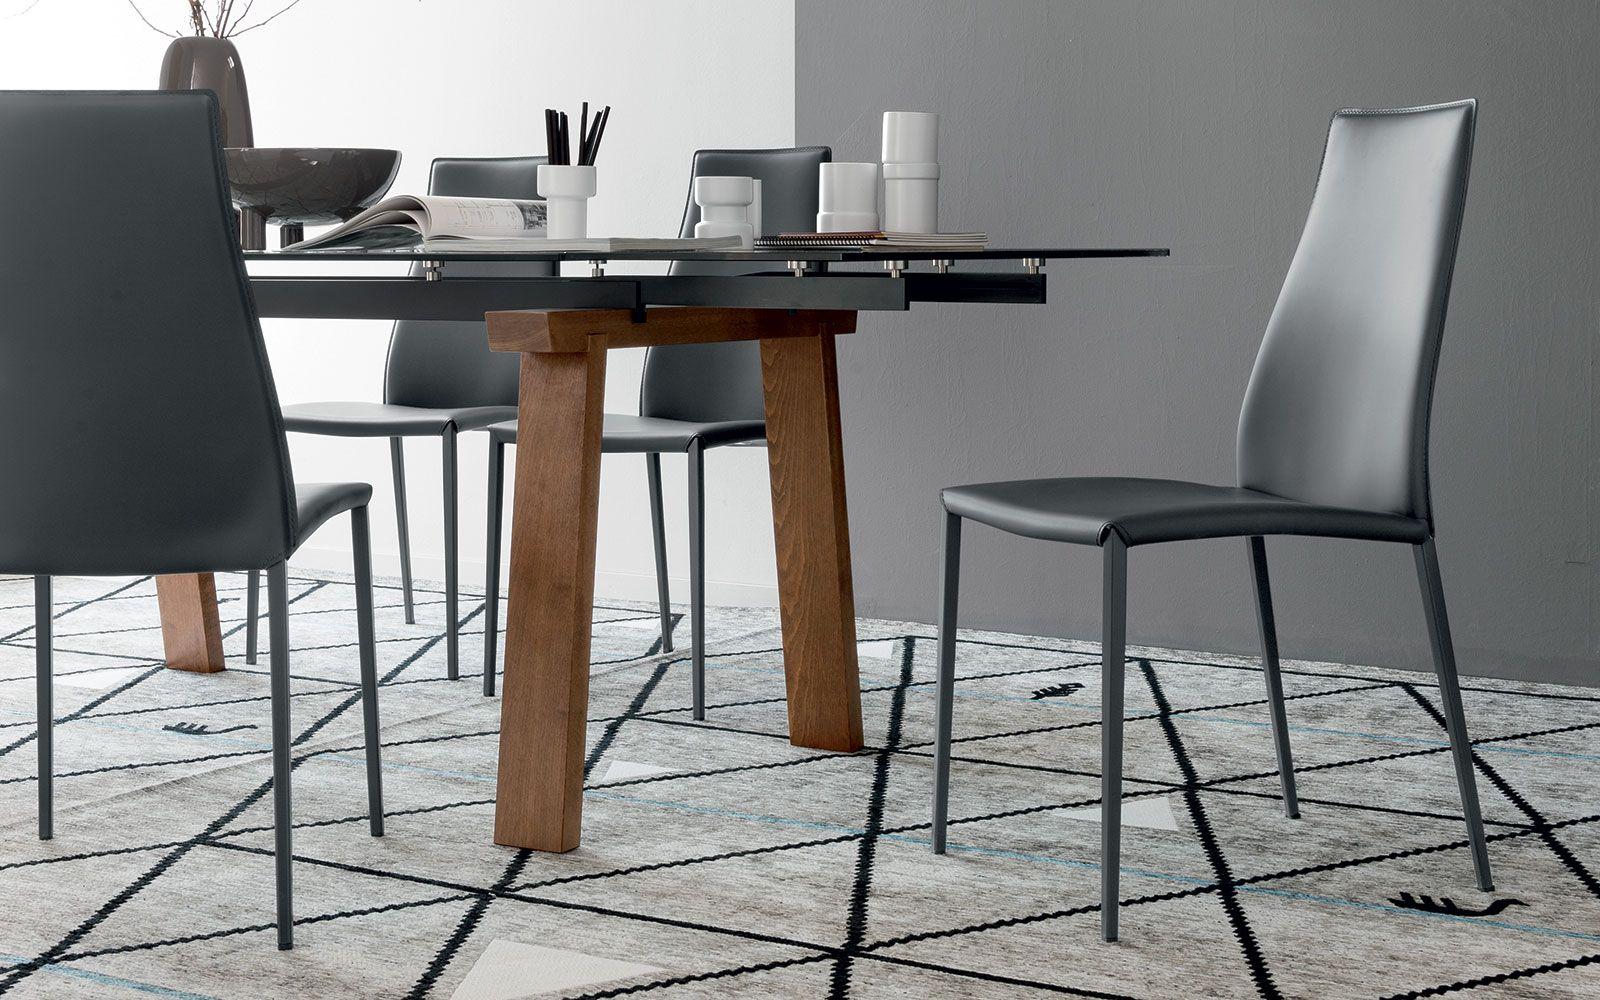 Friulsedie Prezzi ~ Sedia calligaris aida cuoio grigio sedie moderne pinterest